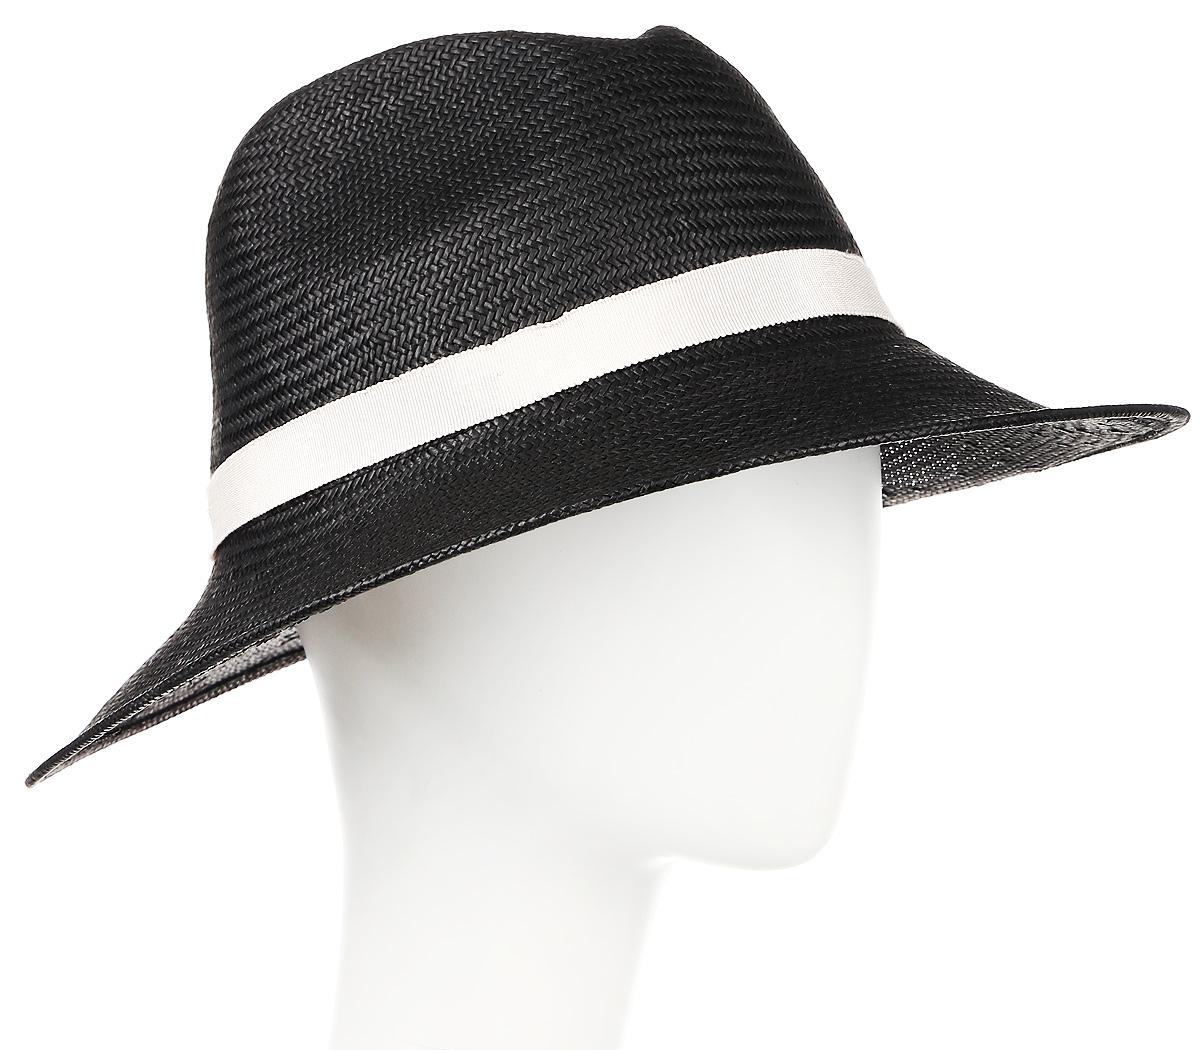 Шляпа женская Moltini, цвет: черный. 9B-1604. Размер 56/589B-1604Летняя женская шляпа Moltini, выполненная из целлюлозы,станет незаменимым аксессуаром для пляжа и отдыха на природе. Широкие поляшляпы обеспечат надежную защиту от солнечных лучей. Плетение шляпыобеспечивает необходимую вентиляцию и комфорт даже в самый знойный день.Шляпа легко восстанавливает свою форму после сжатия. Уважаемые клиенты!Размер, доступный для заказа, является обхватомголовы.